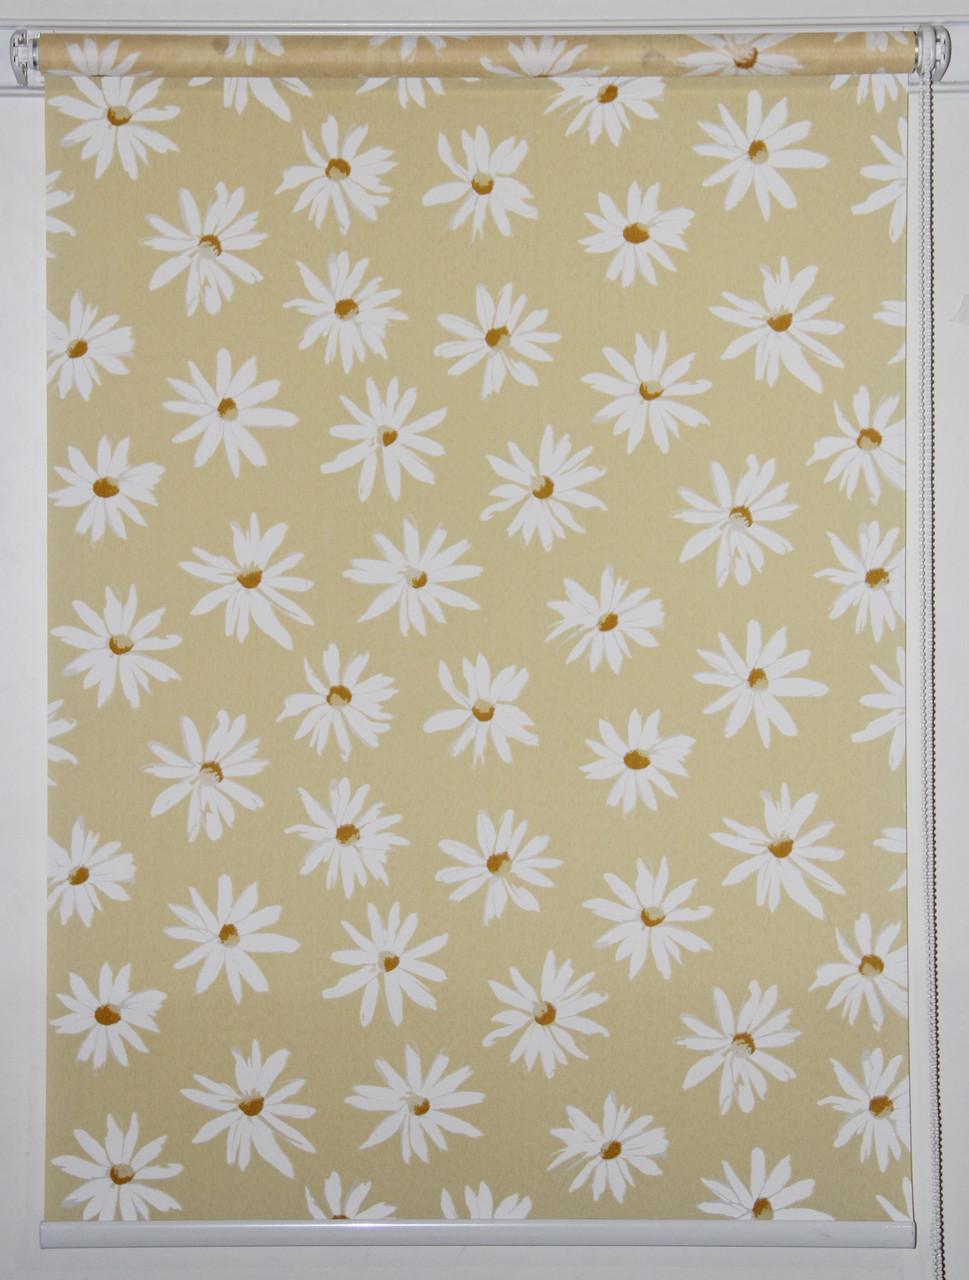 Готовые рулонные шторы 1350*1500 Ткань Ромашки Жёлтый